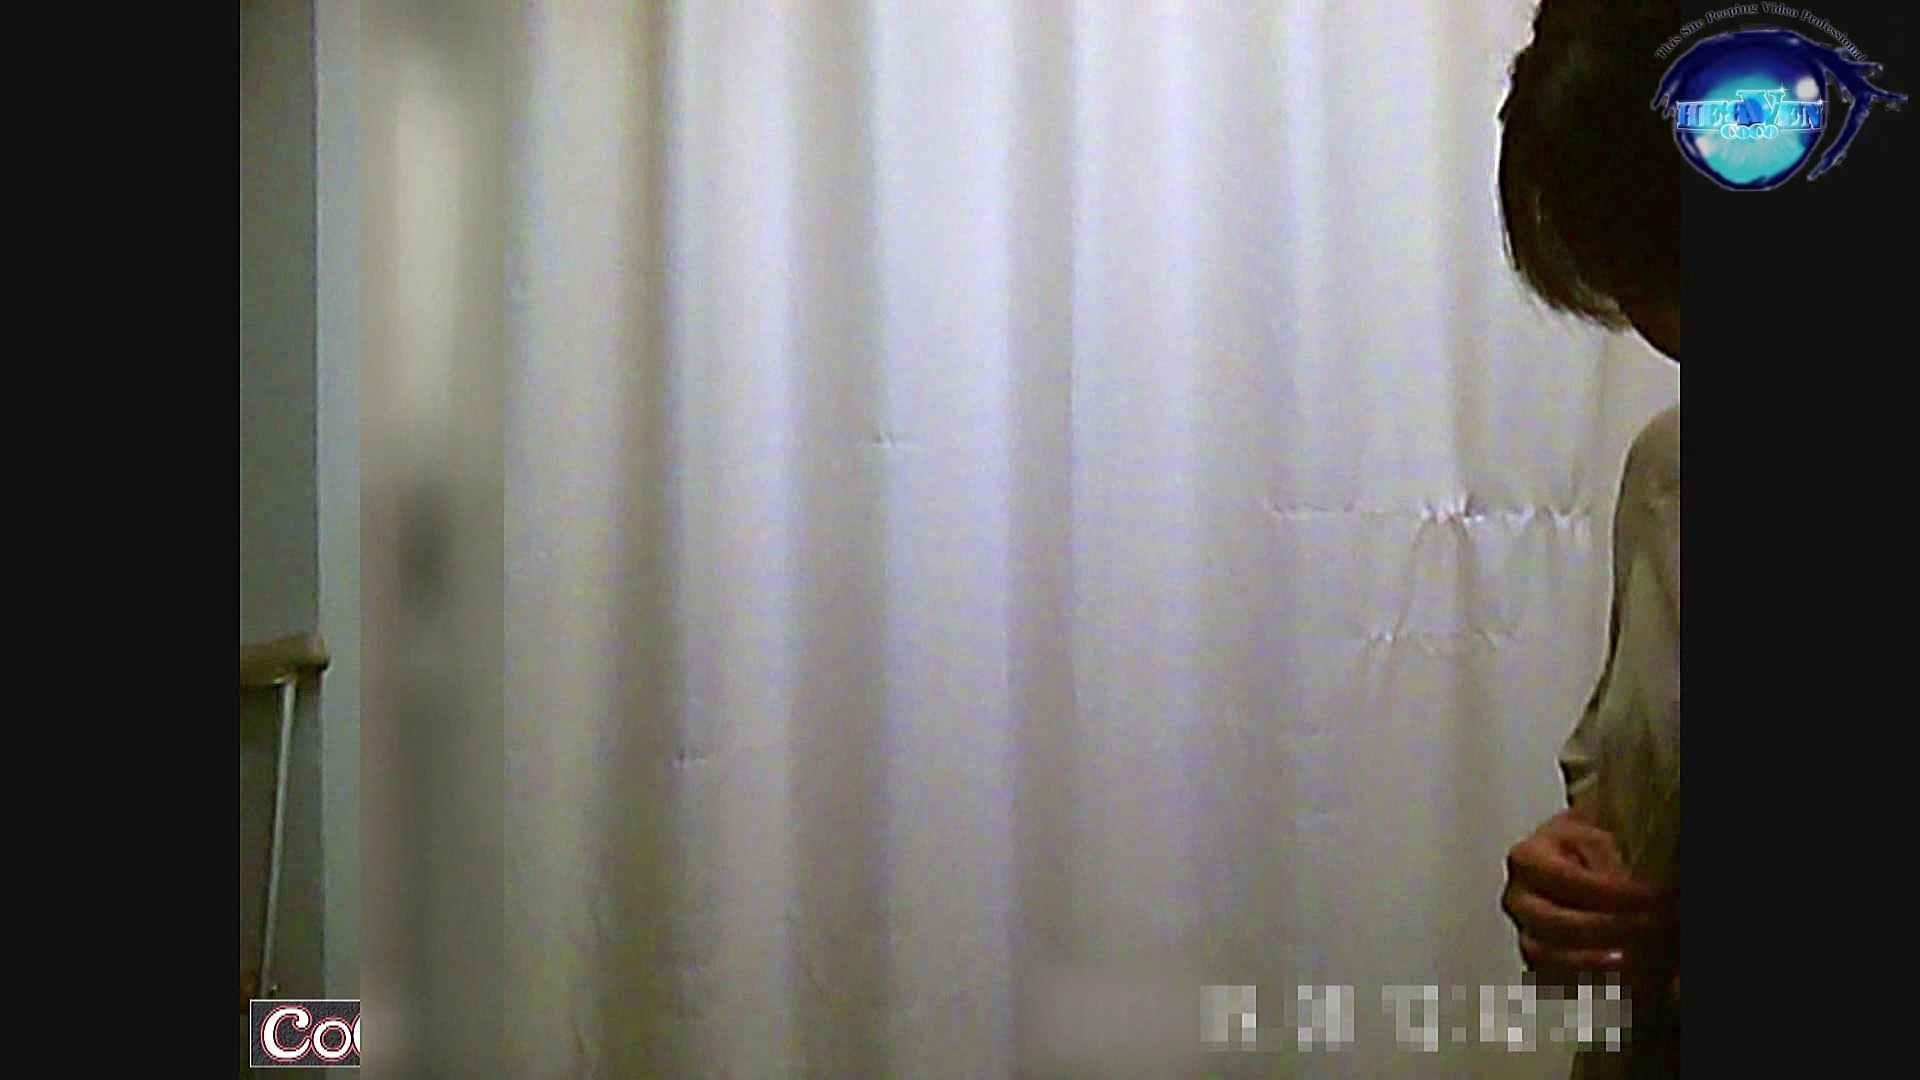 激ヤバ健康診断!着替えの一部始終.vol.22 ※本編ボカシ・目線無し ナースのエロ動画 のぞき 98PIX 40